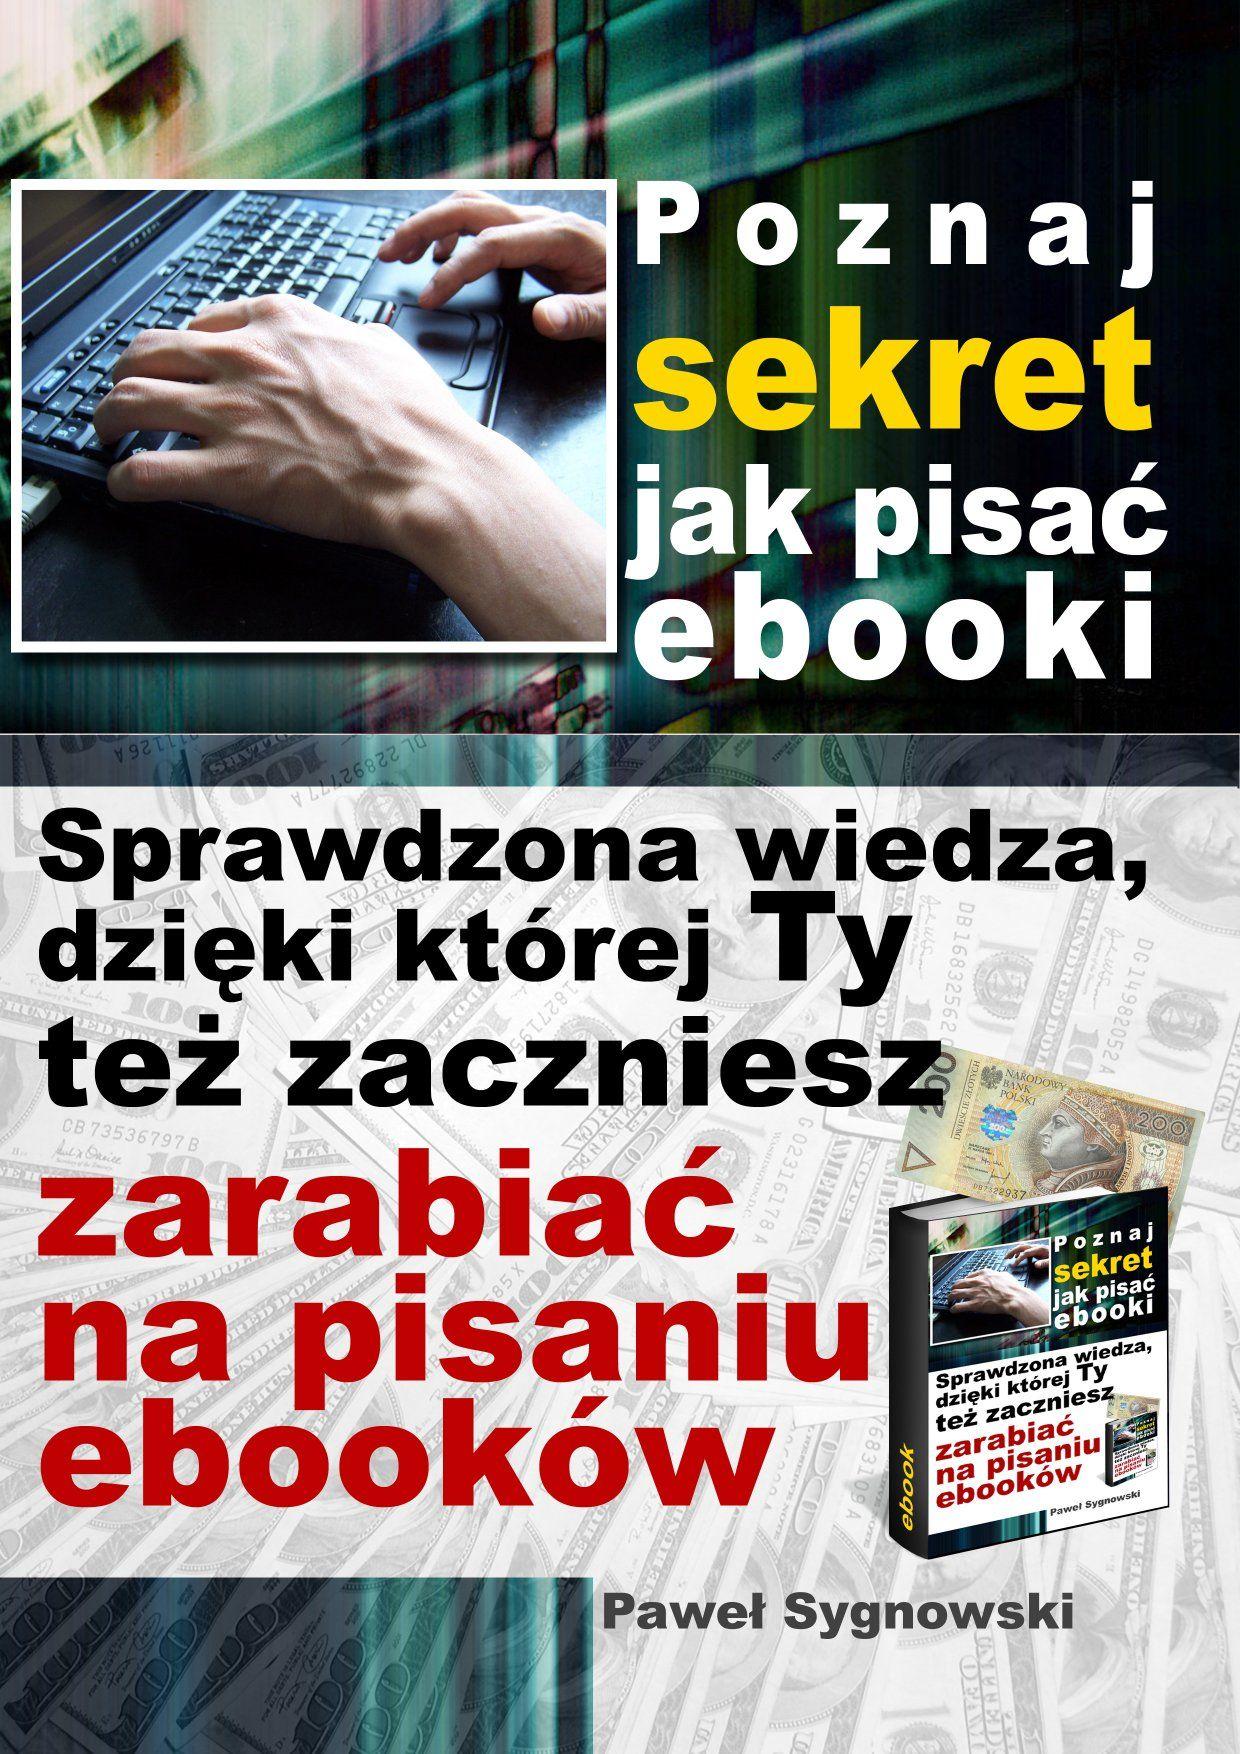 Poznaj sekret jak pisać ebooki - Paweł Sygnowski - ebook